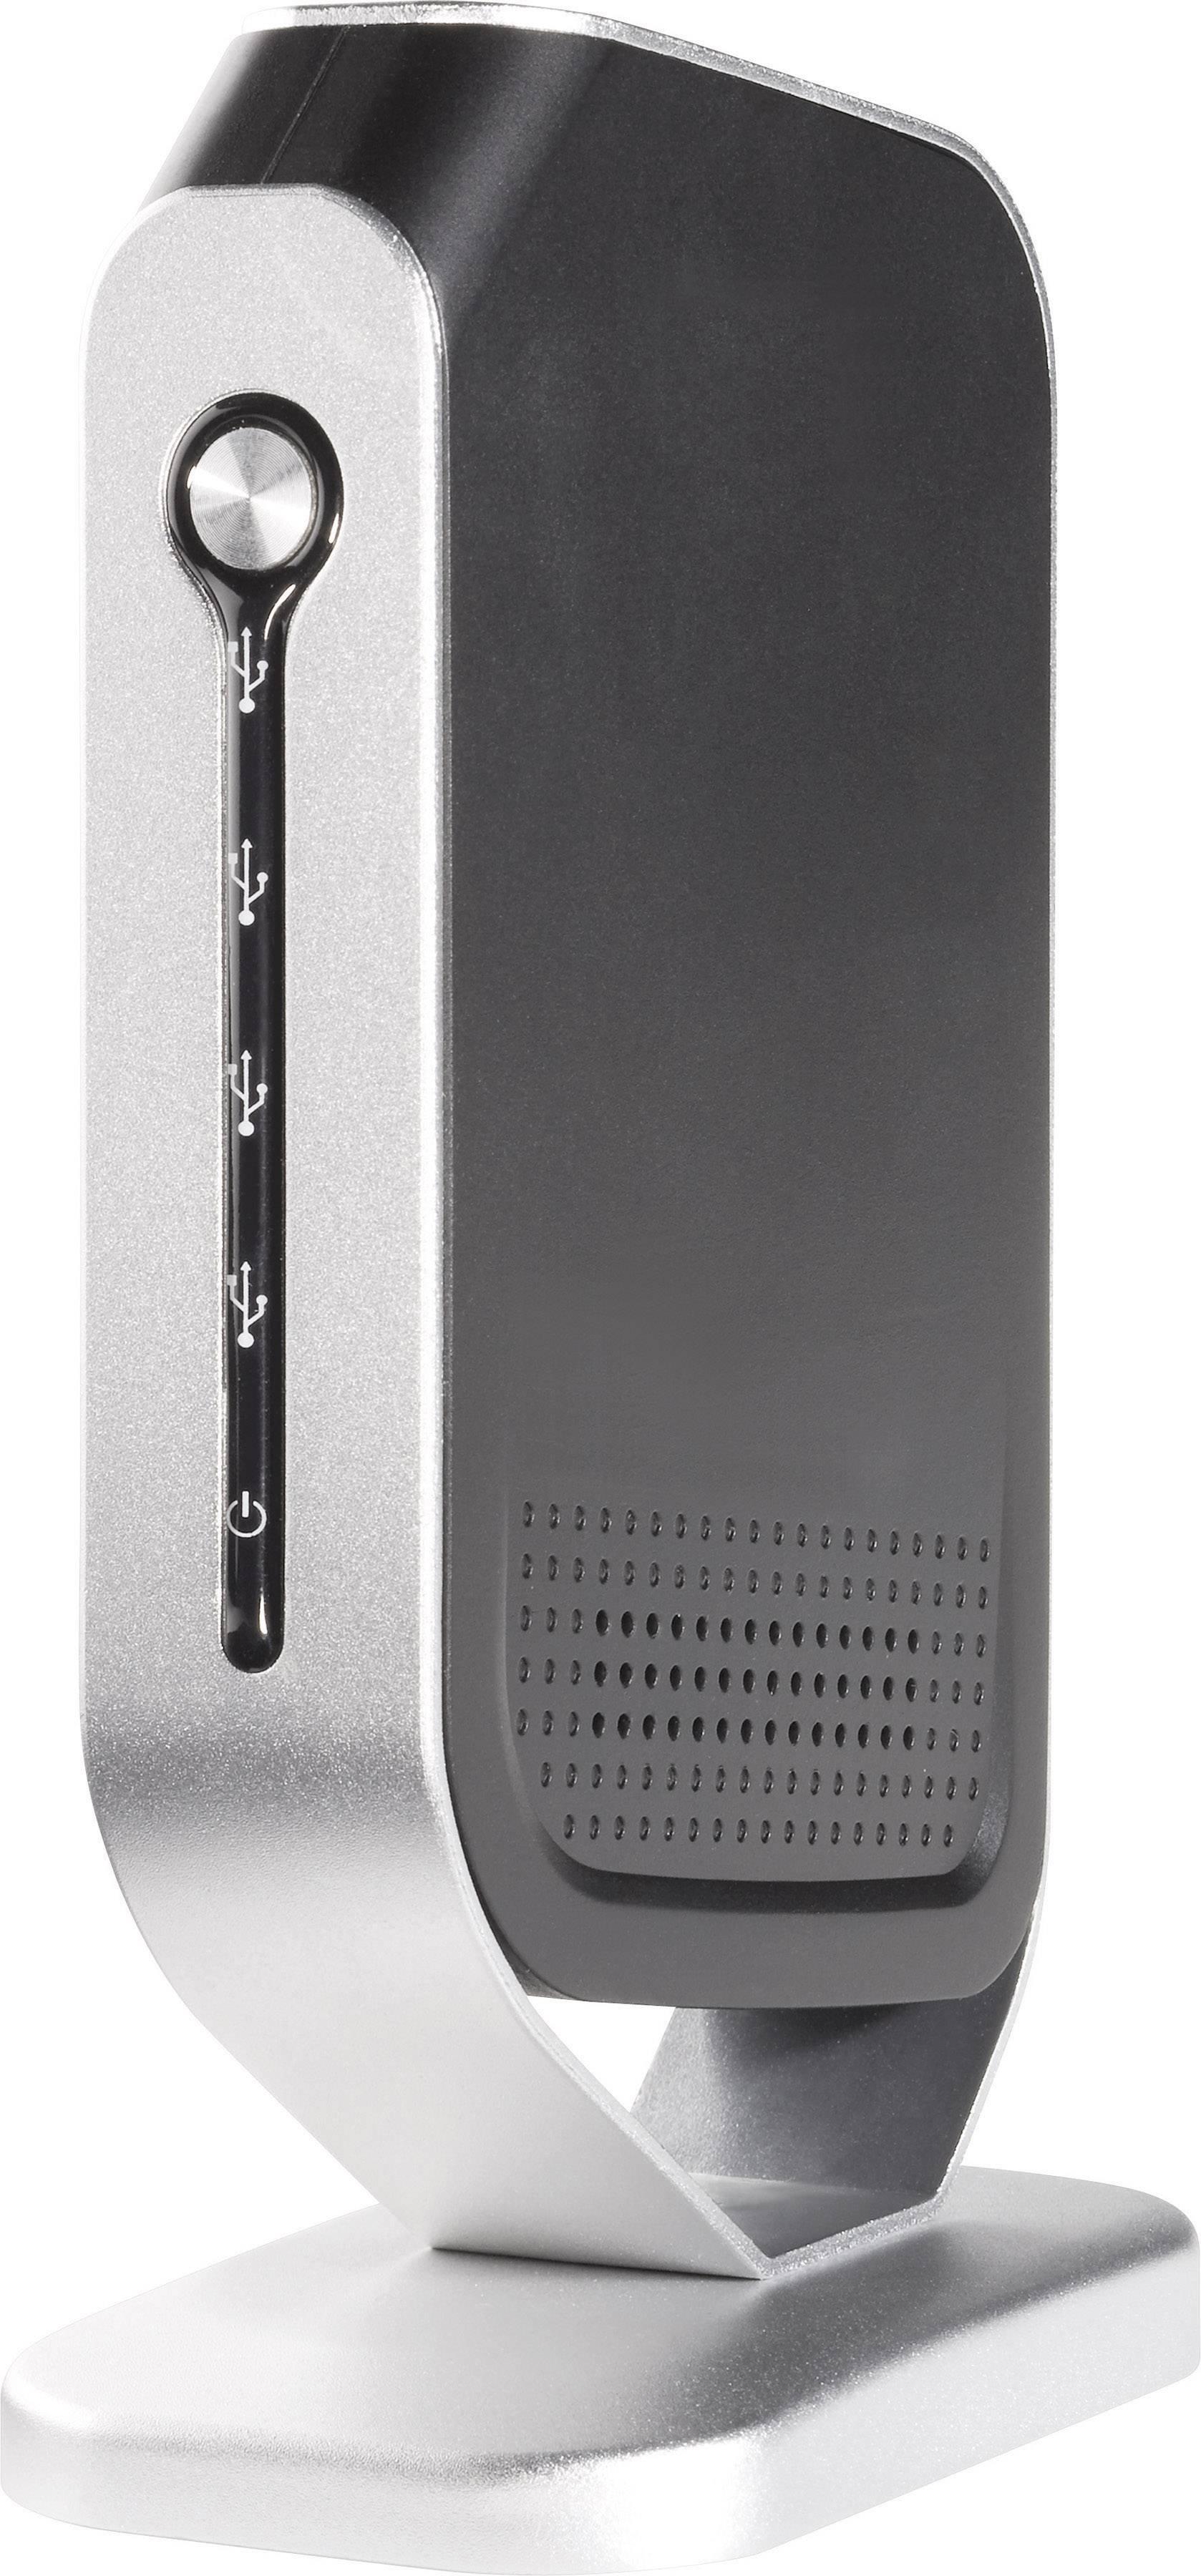 Sieťové USB servery